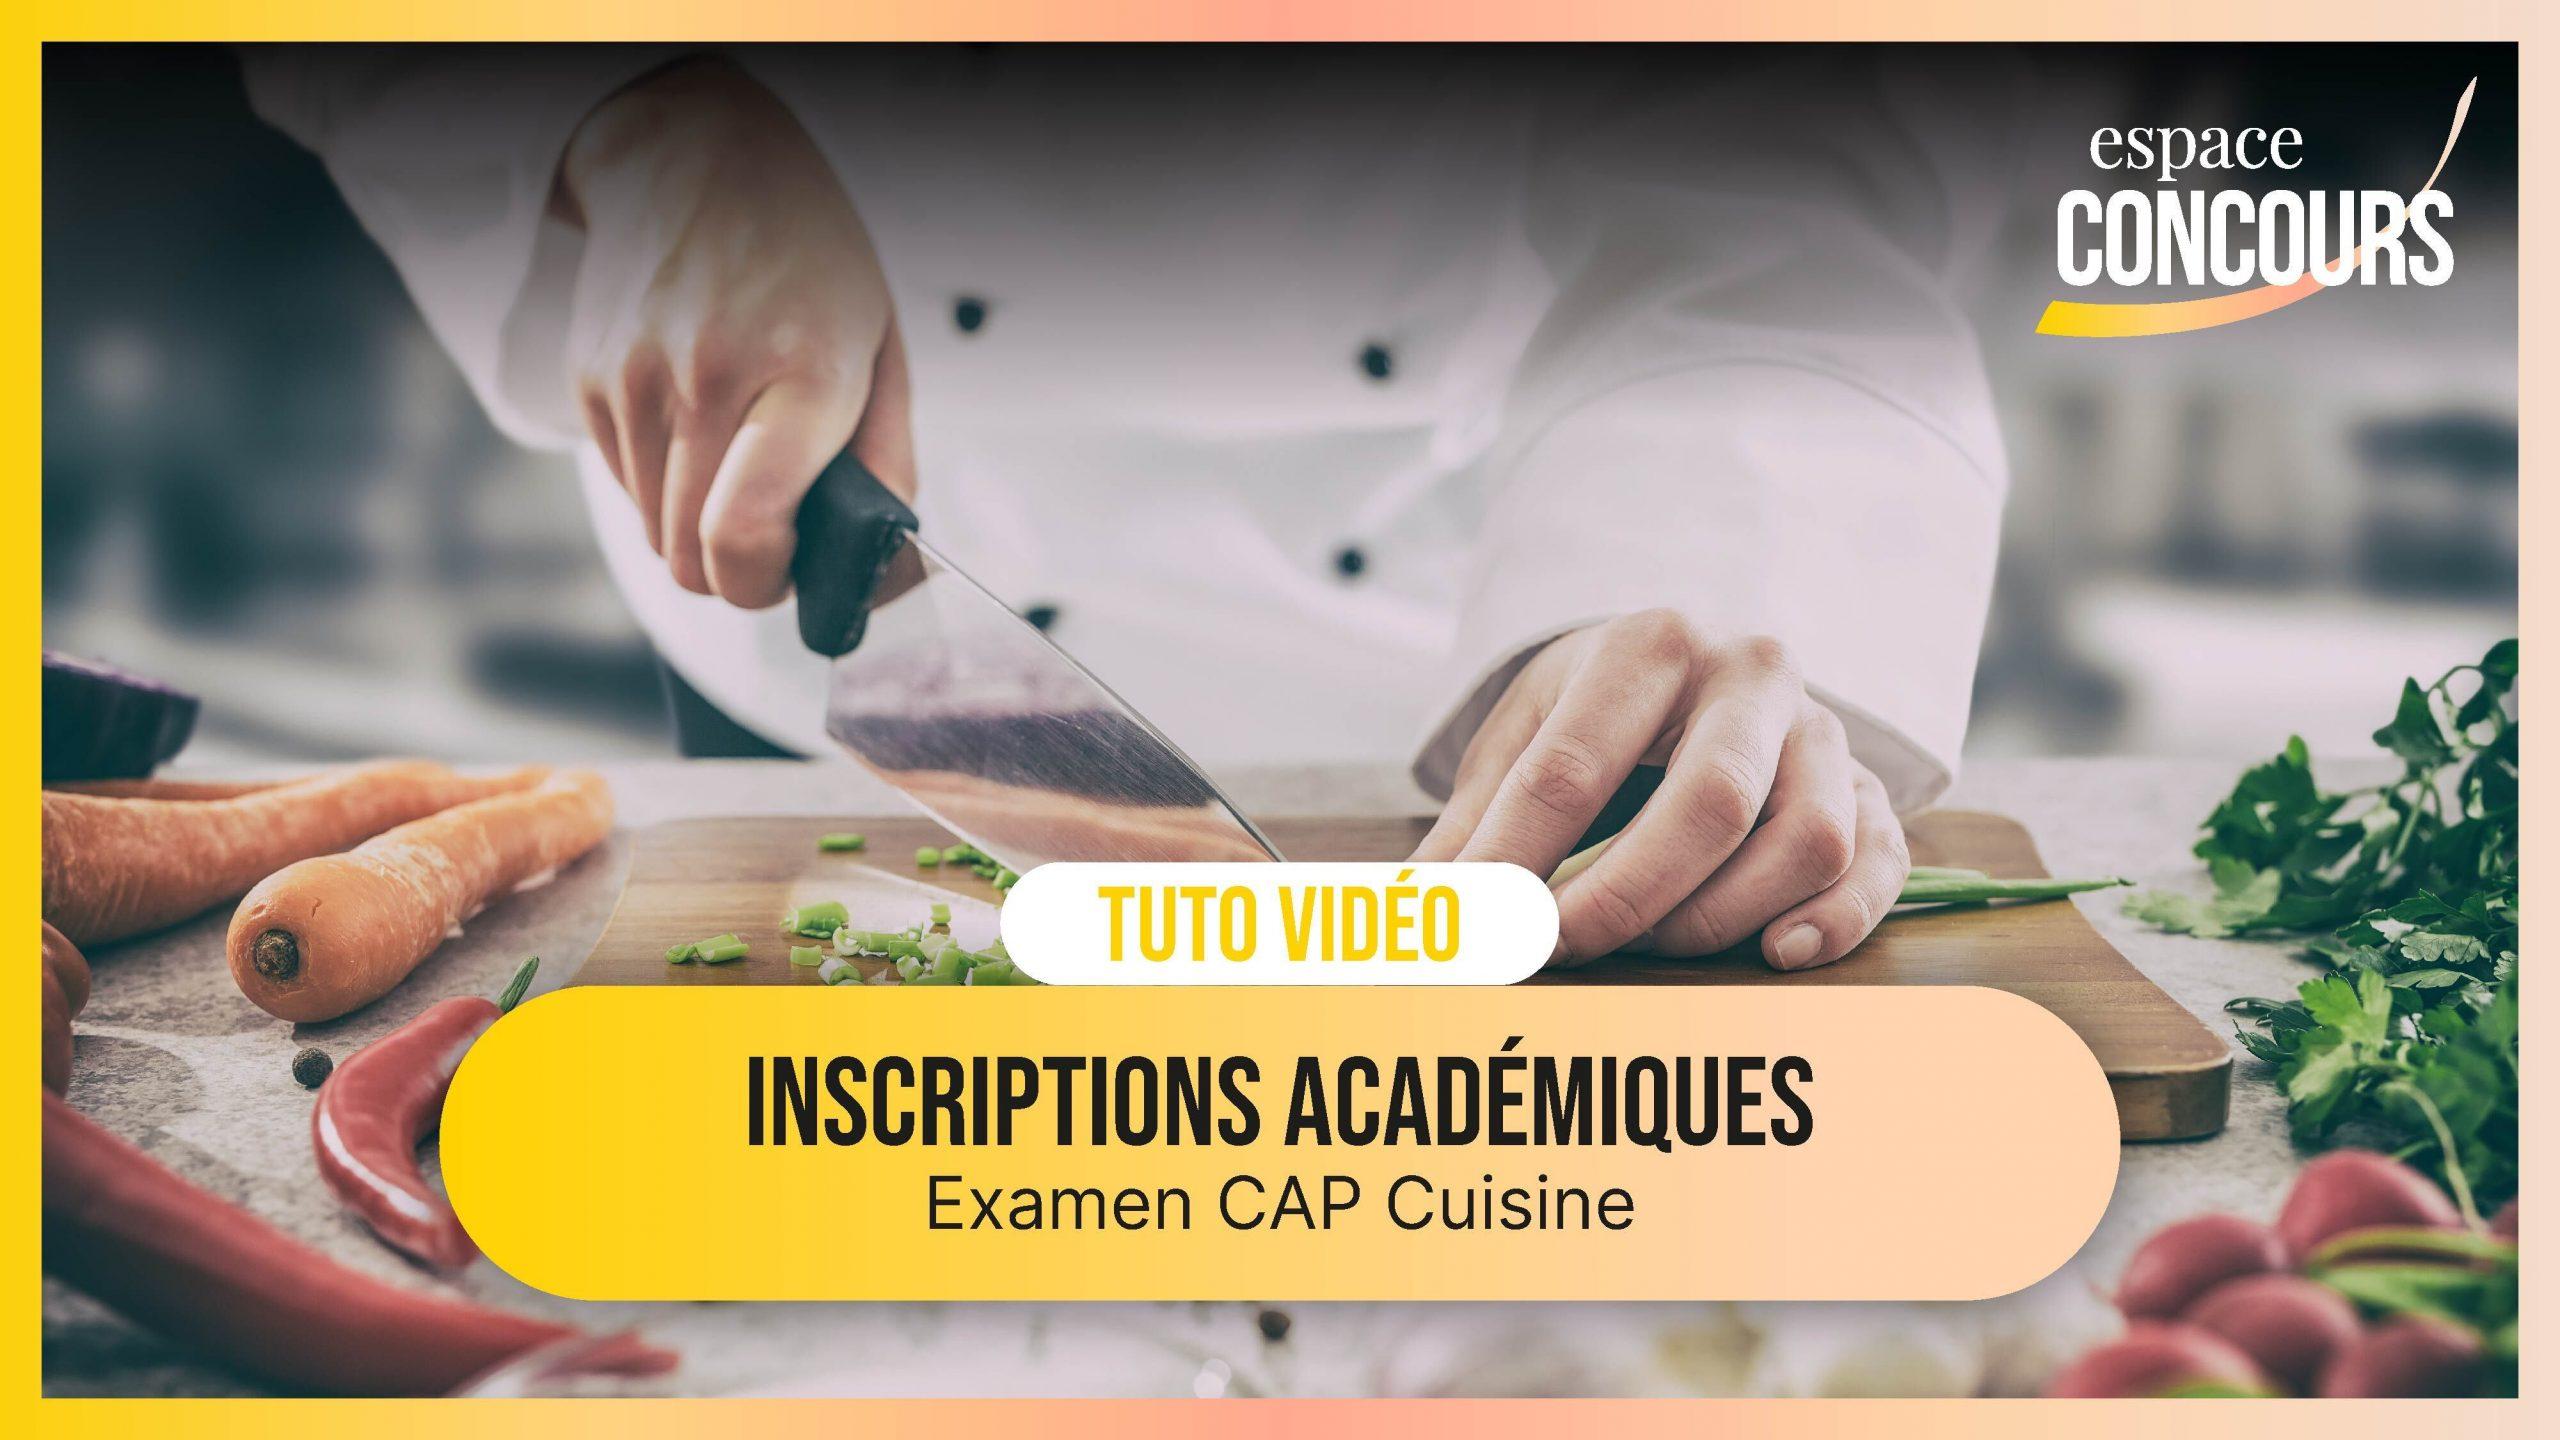 Vidéo Tuto – Les inscriptions Académiques Examen CAP Cuisine